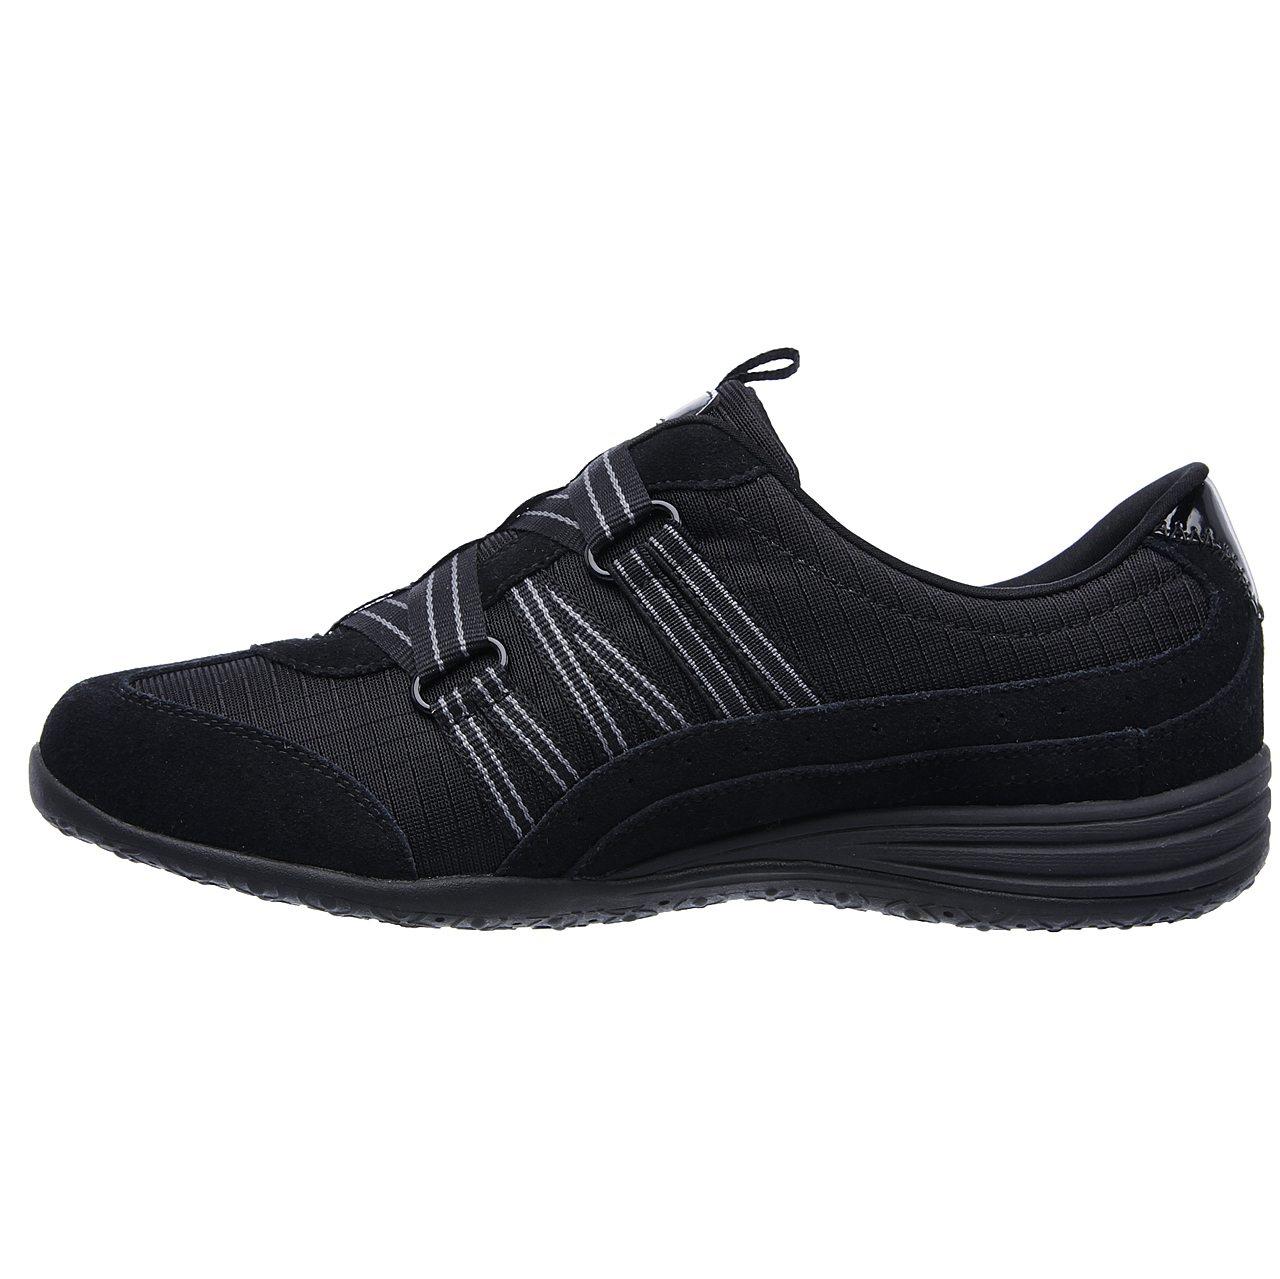 کفش مخصوص پیاده روی زنانه اسکچرز مدل MIRACLE 23074 BKCC